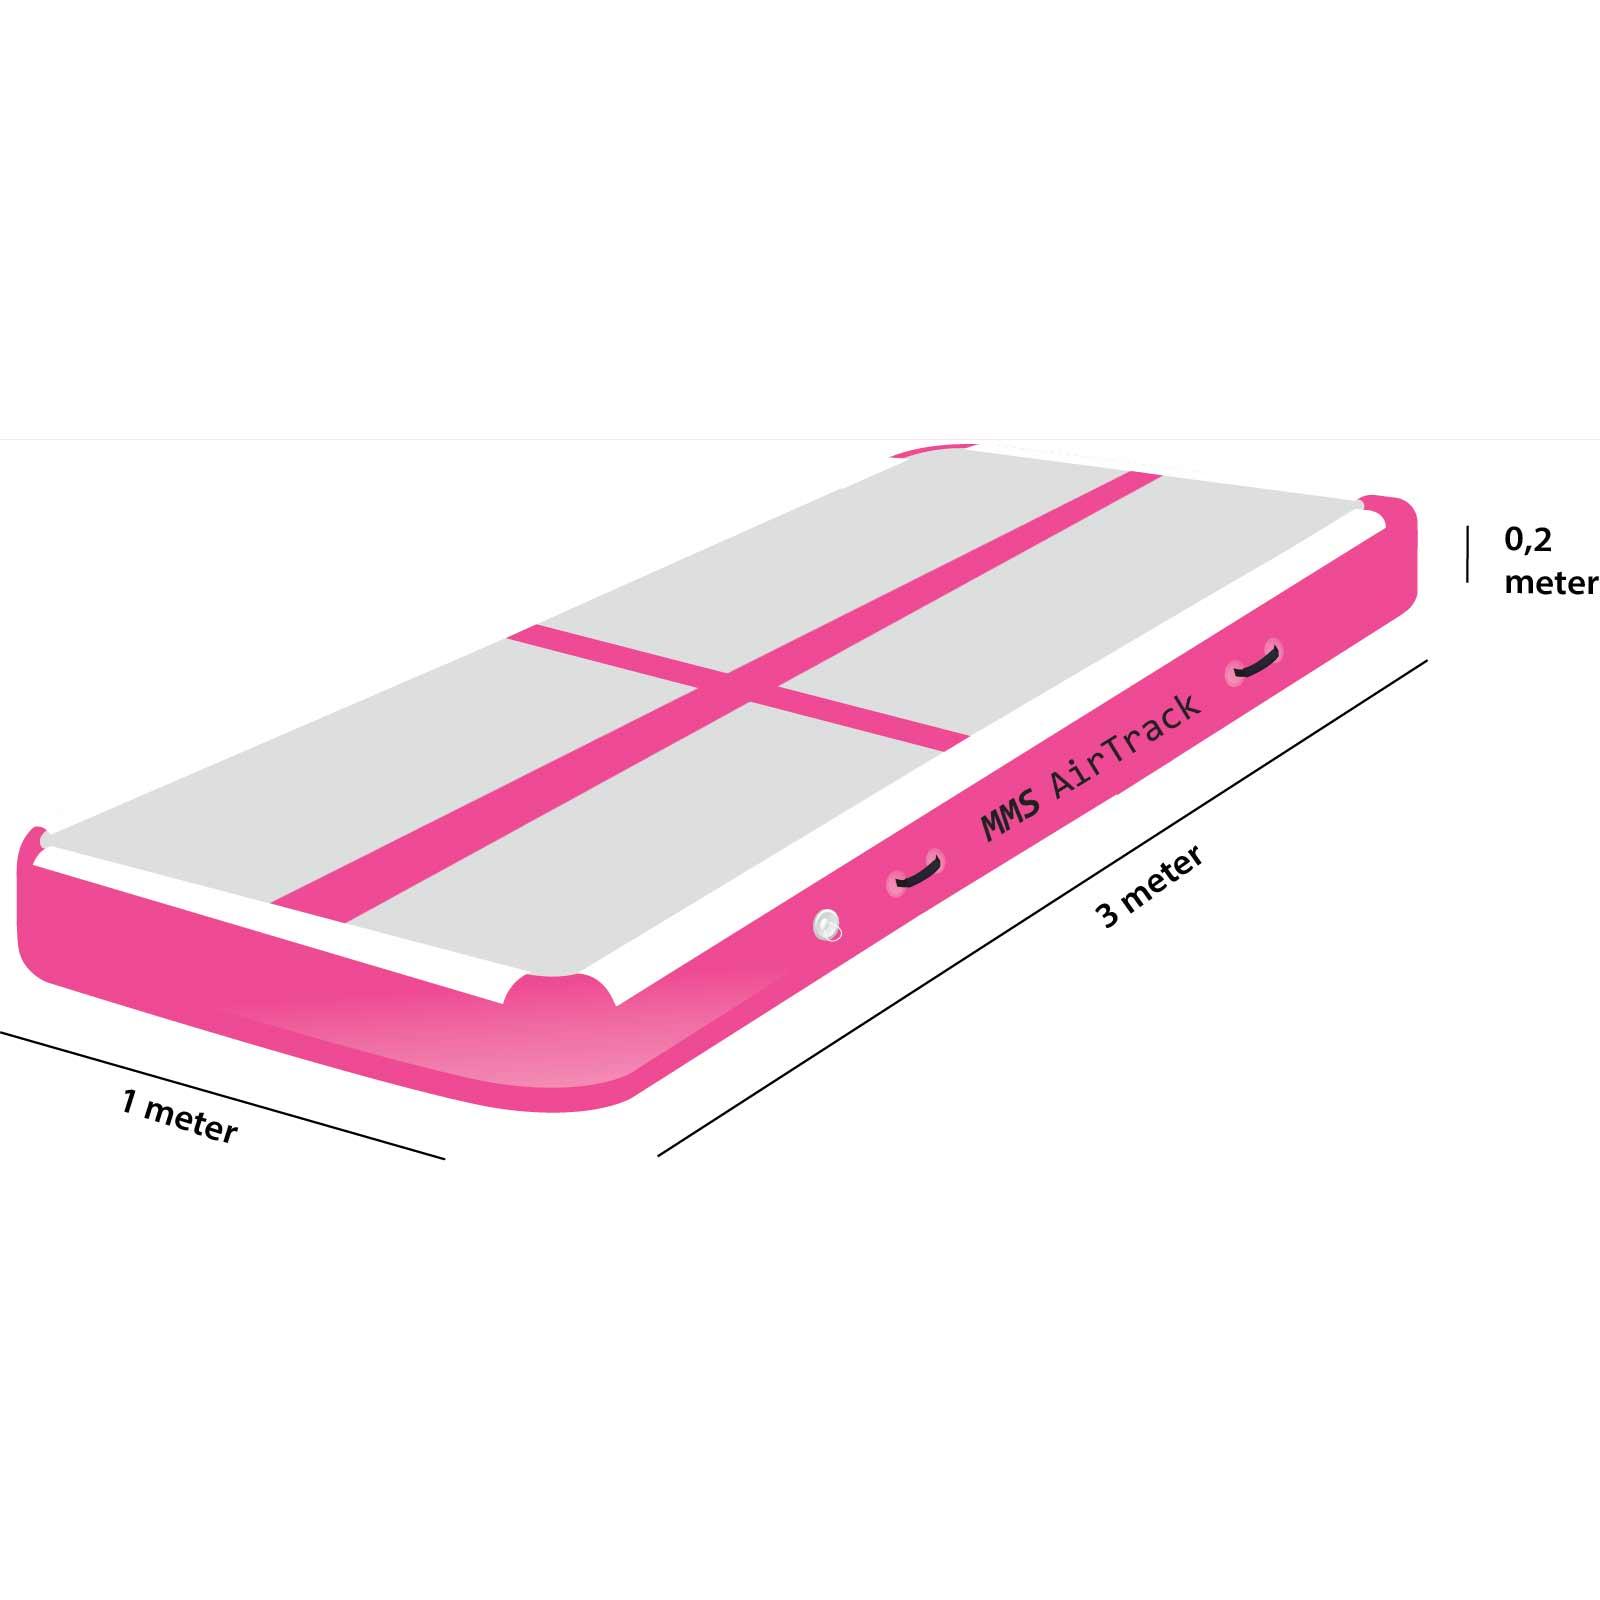 Airtrack 3 met x 1 x 0,2 roze